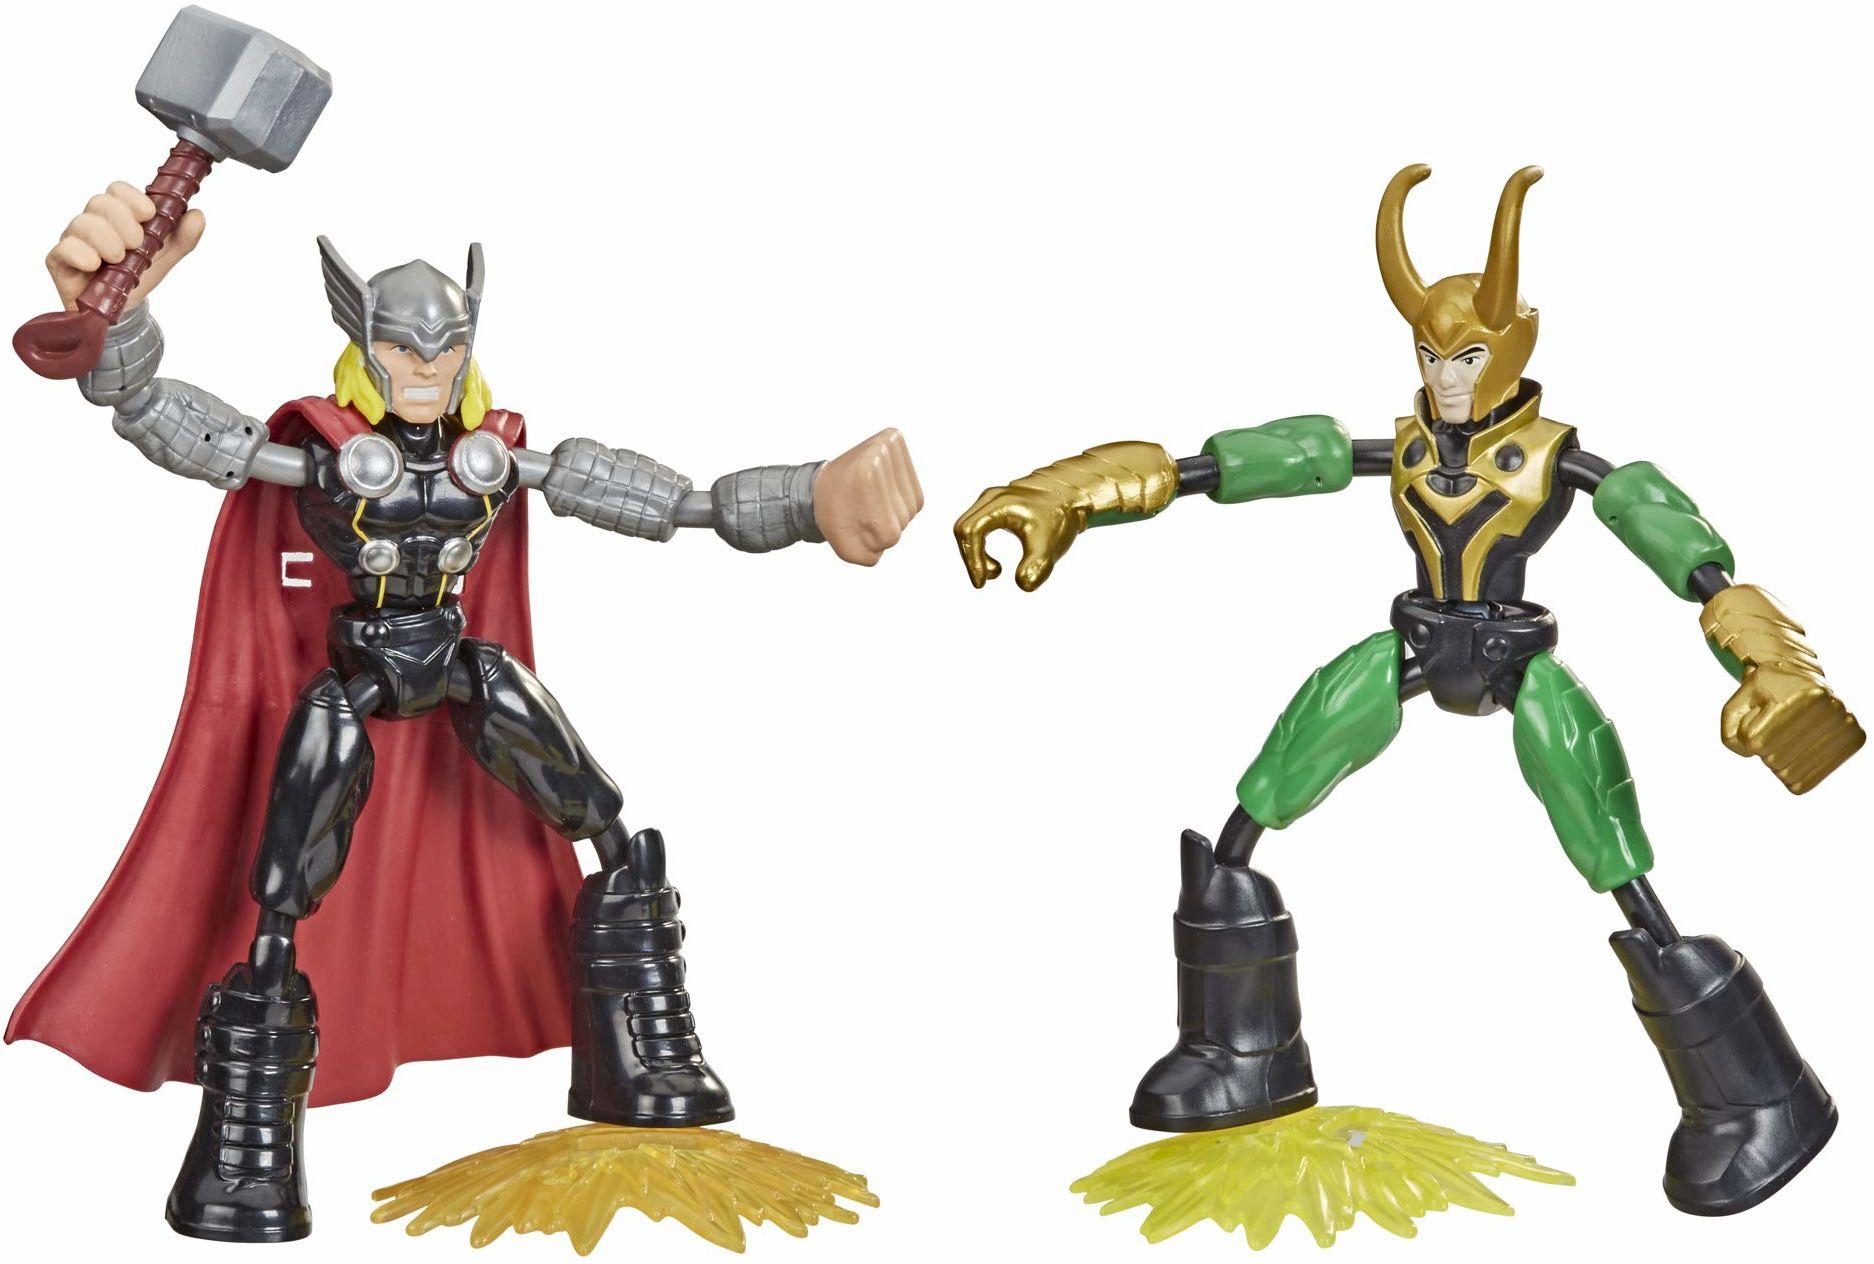 Thor kontra Loki, zginane i odkształcane figurki z kolekcji Marvel Avengers, zabawkowe 15-centymetrowe giętkie figurki, dołączono 2 akcesoria, dla dzieci w wieku od 4 lat